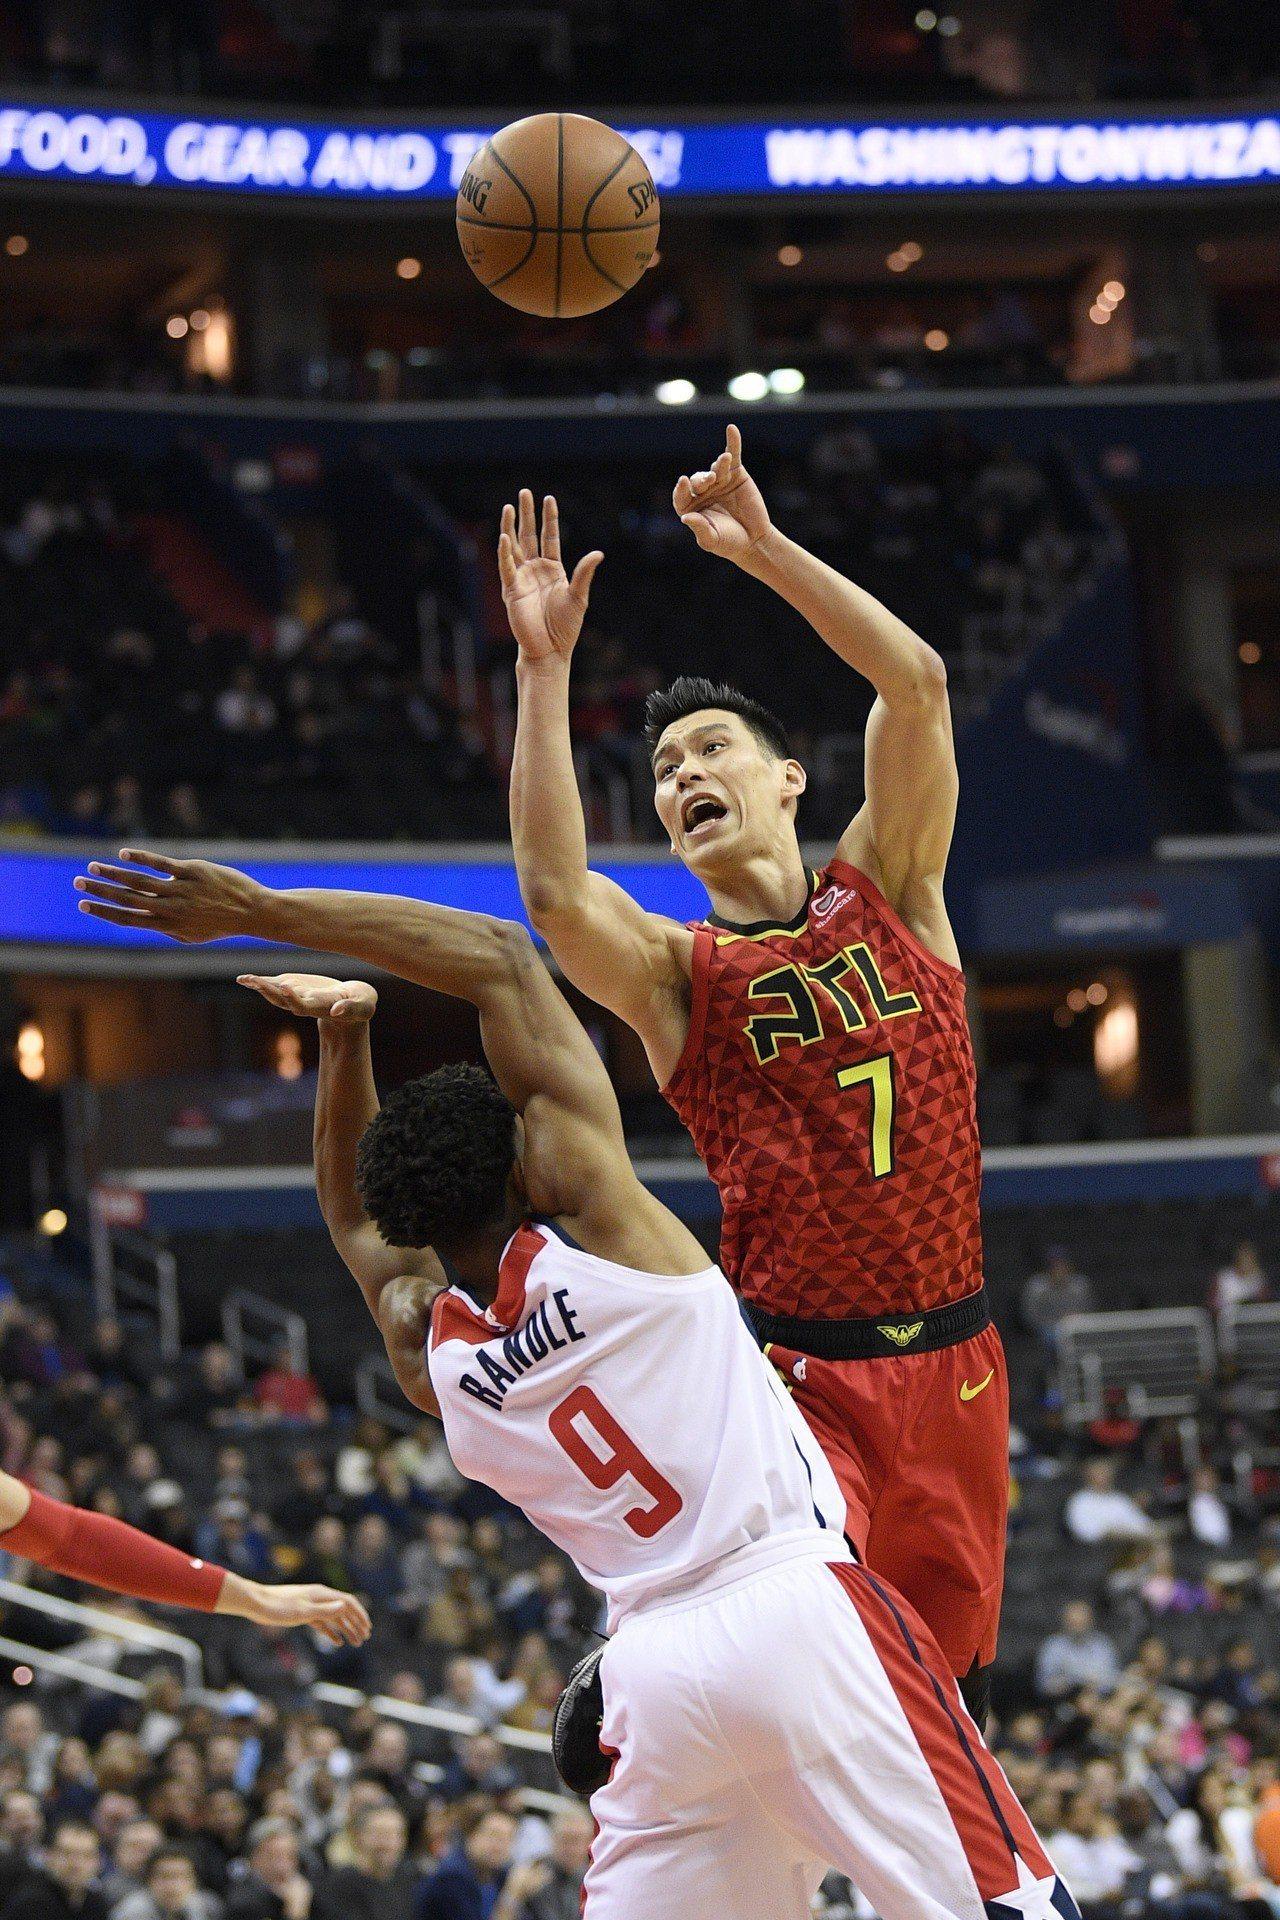 林書豪: NBA/林書豪僅4分 老鷹只打半場好球不敵暴龍